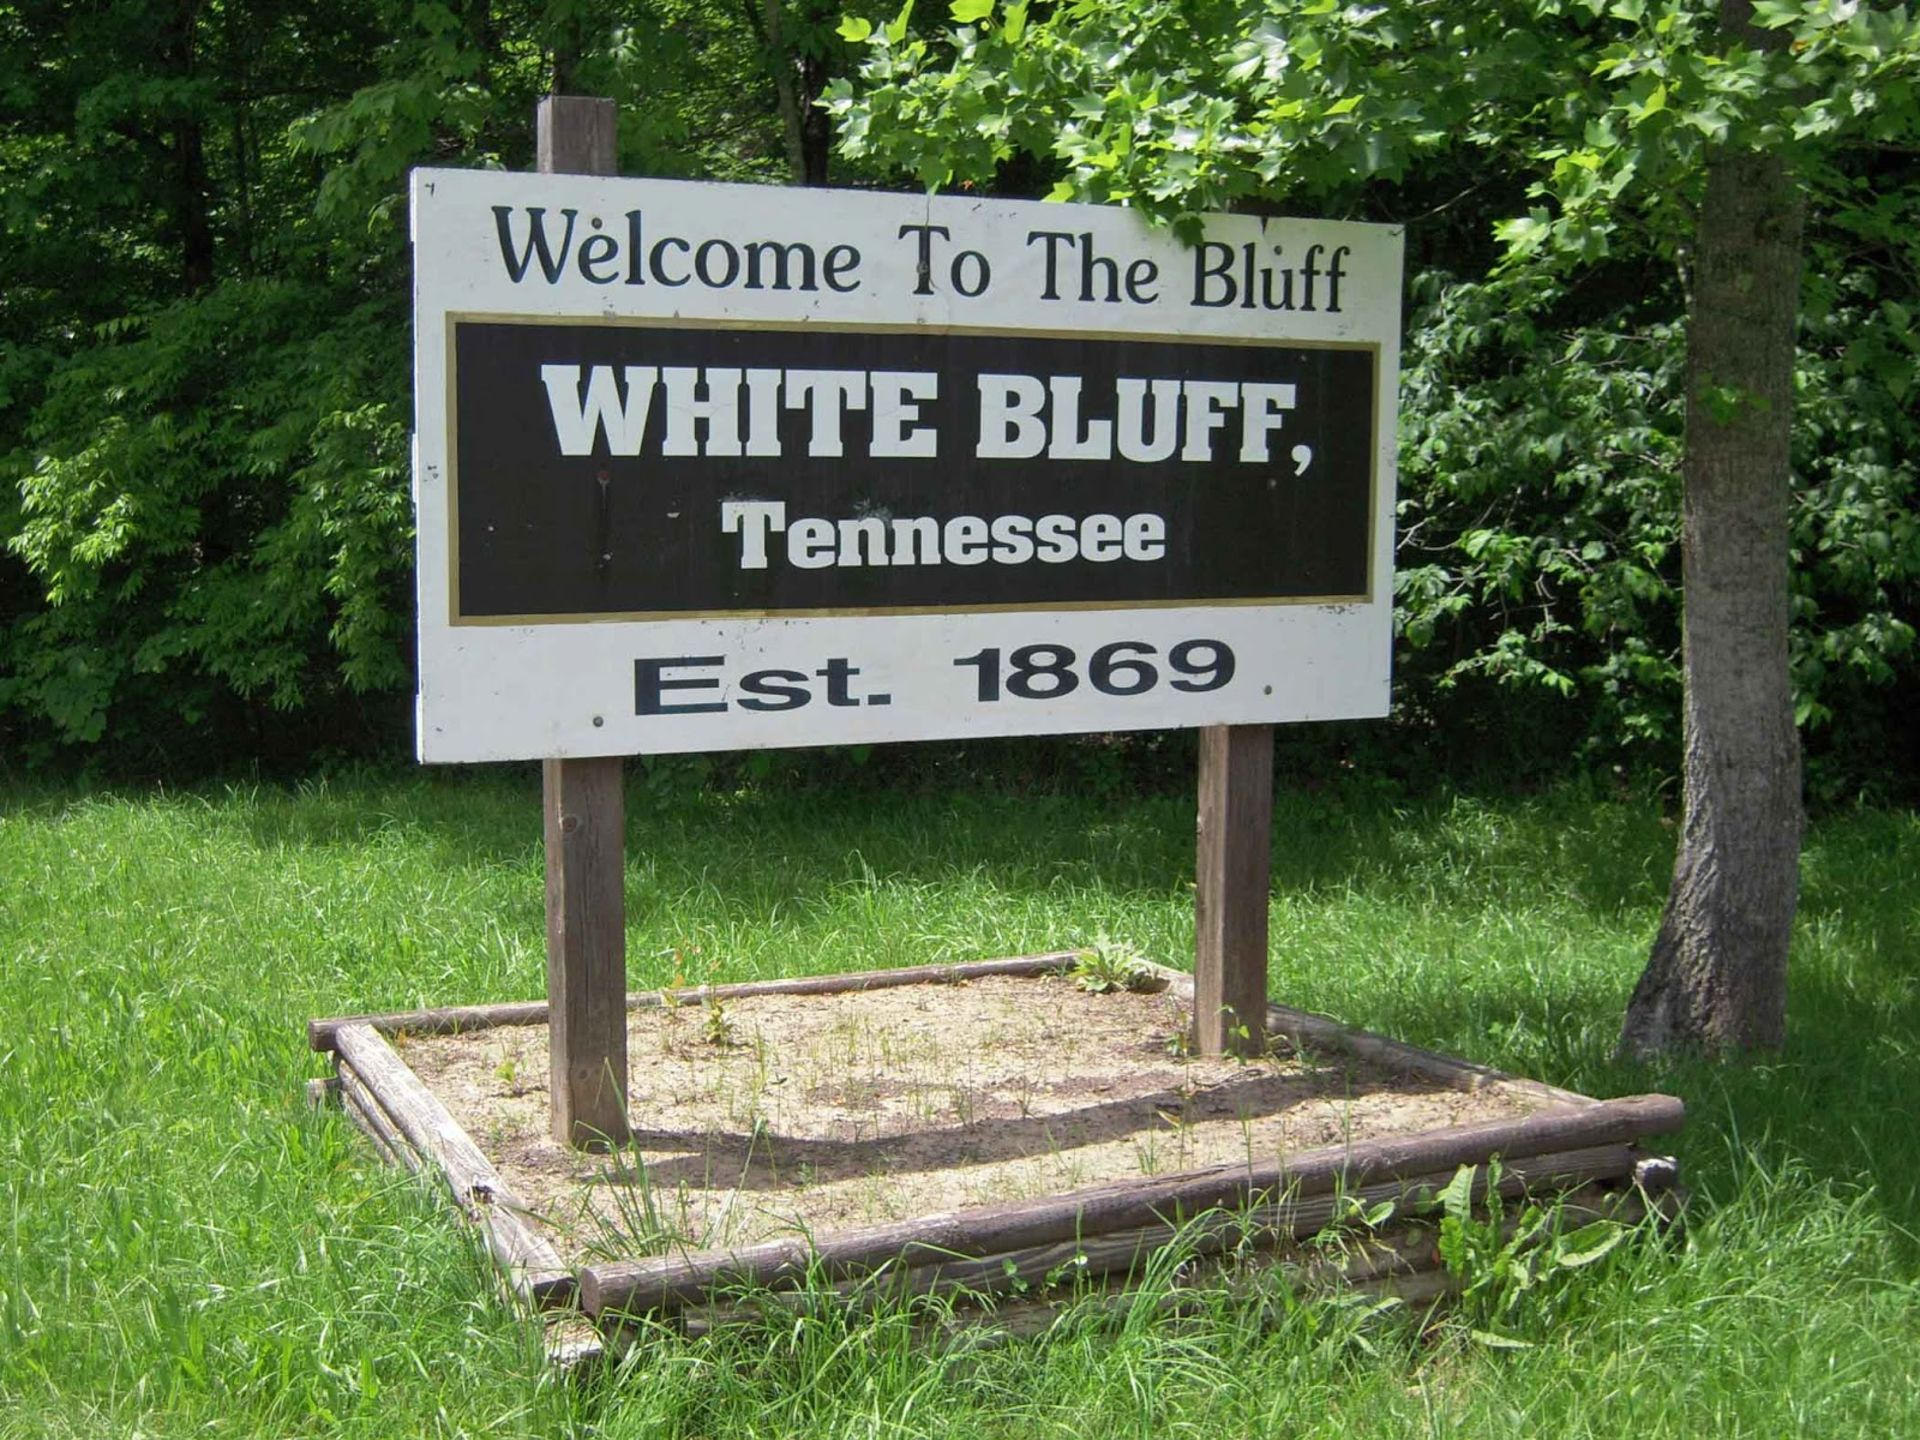 White Bluff